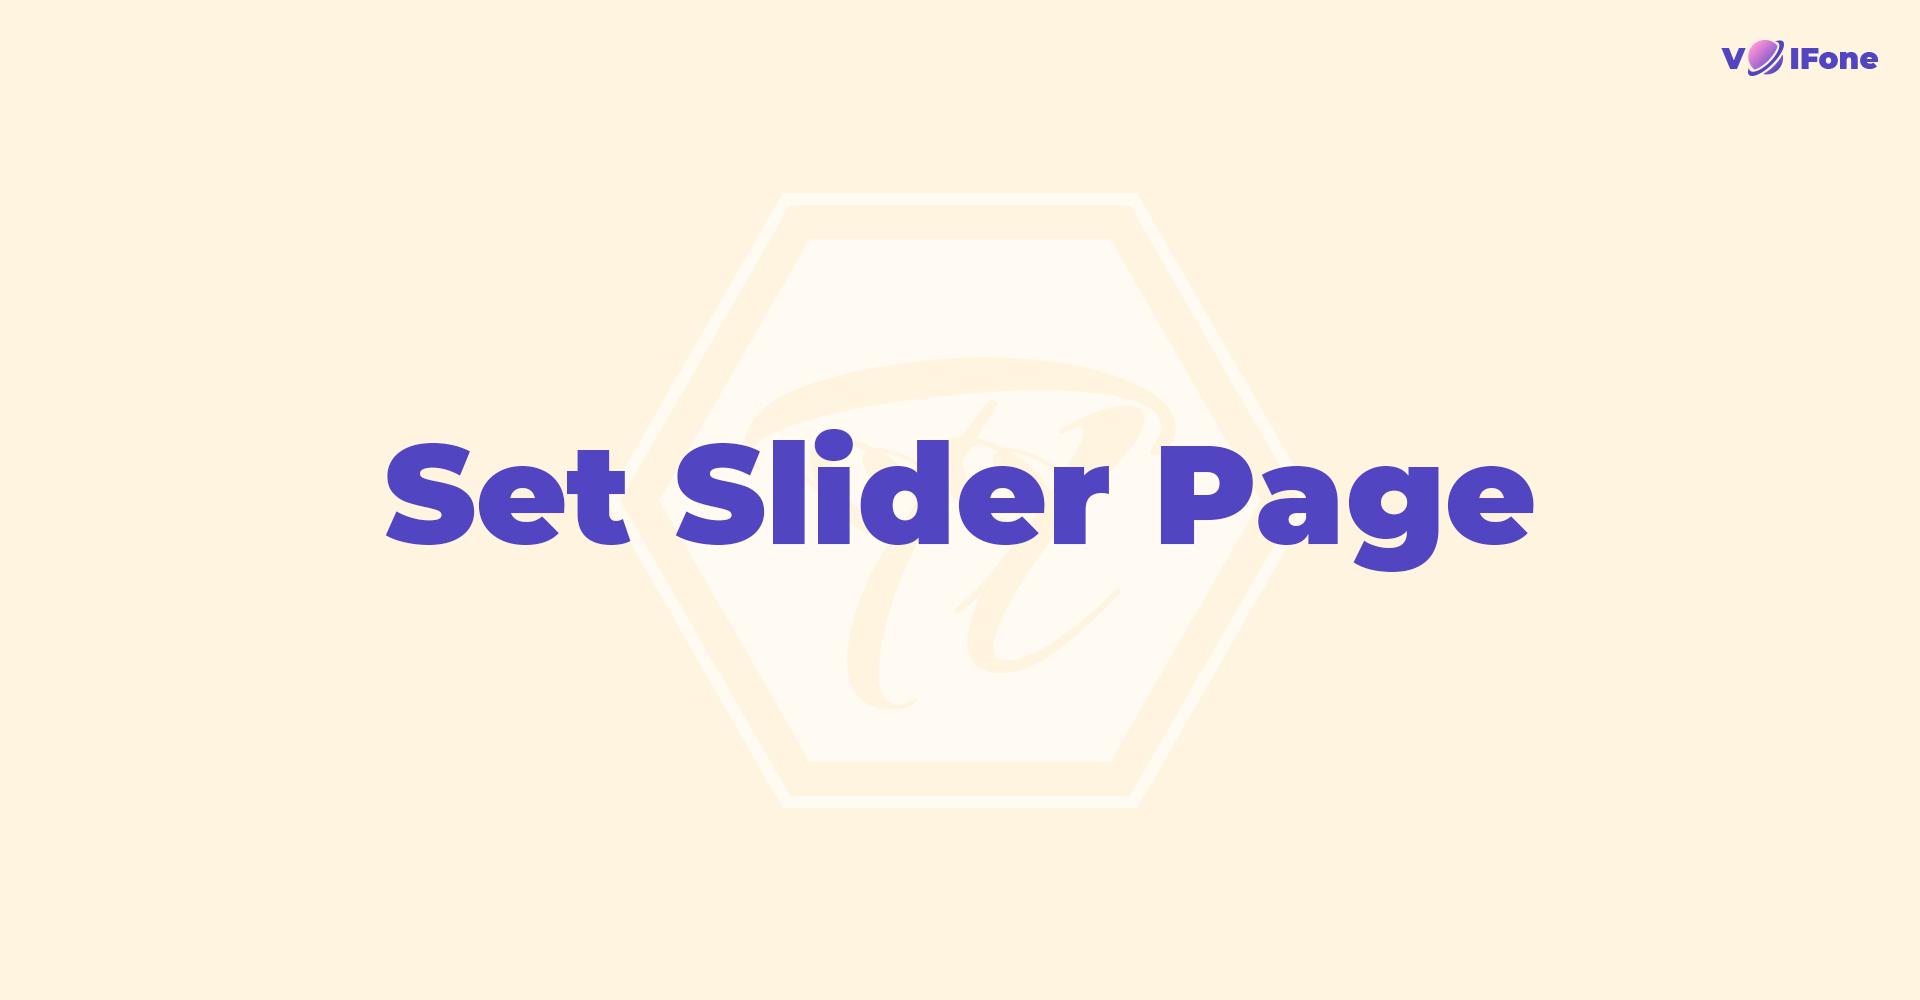 set_slider_page 1